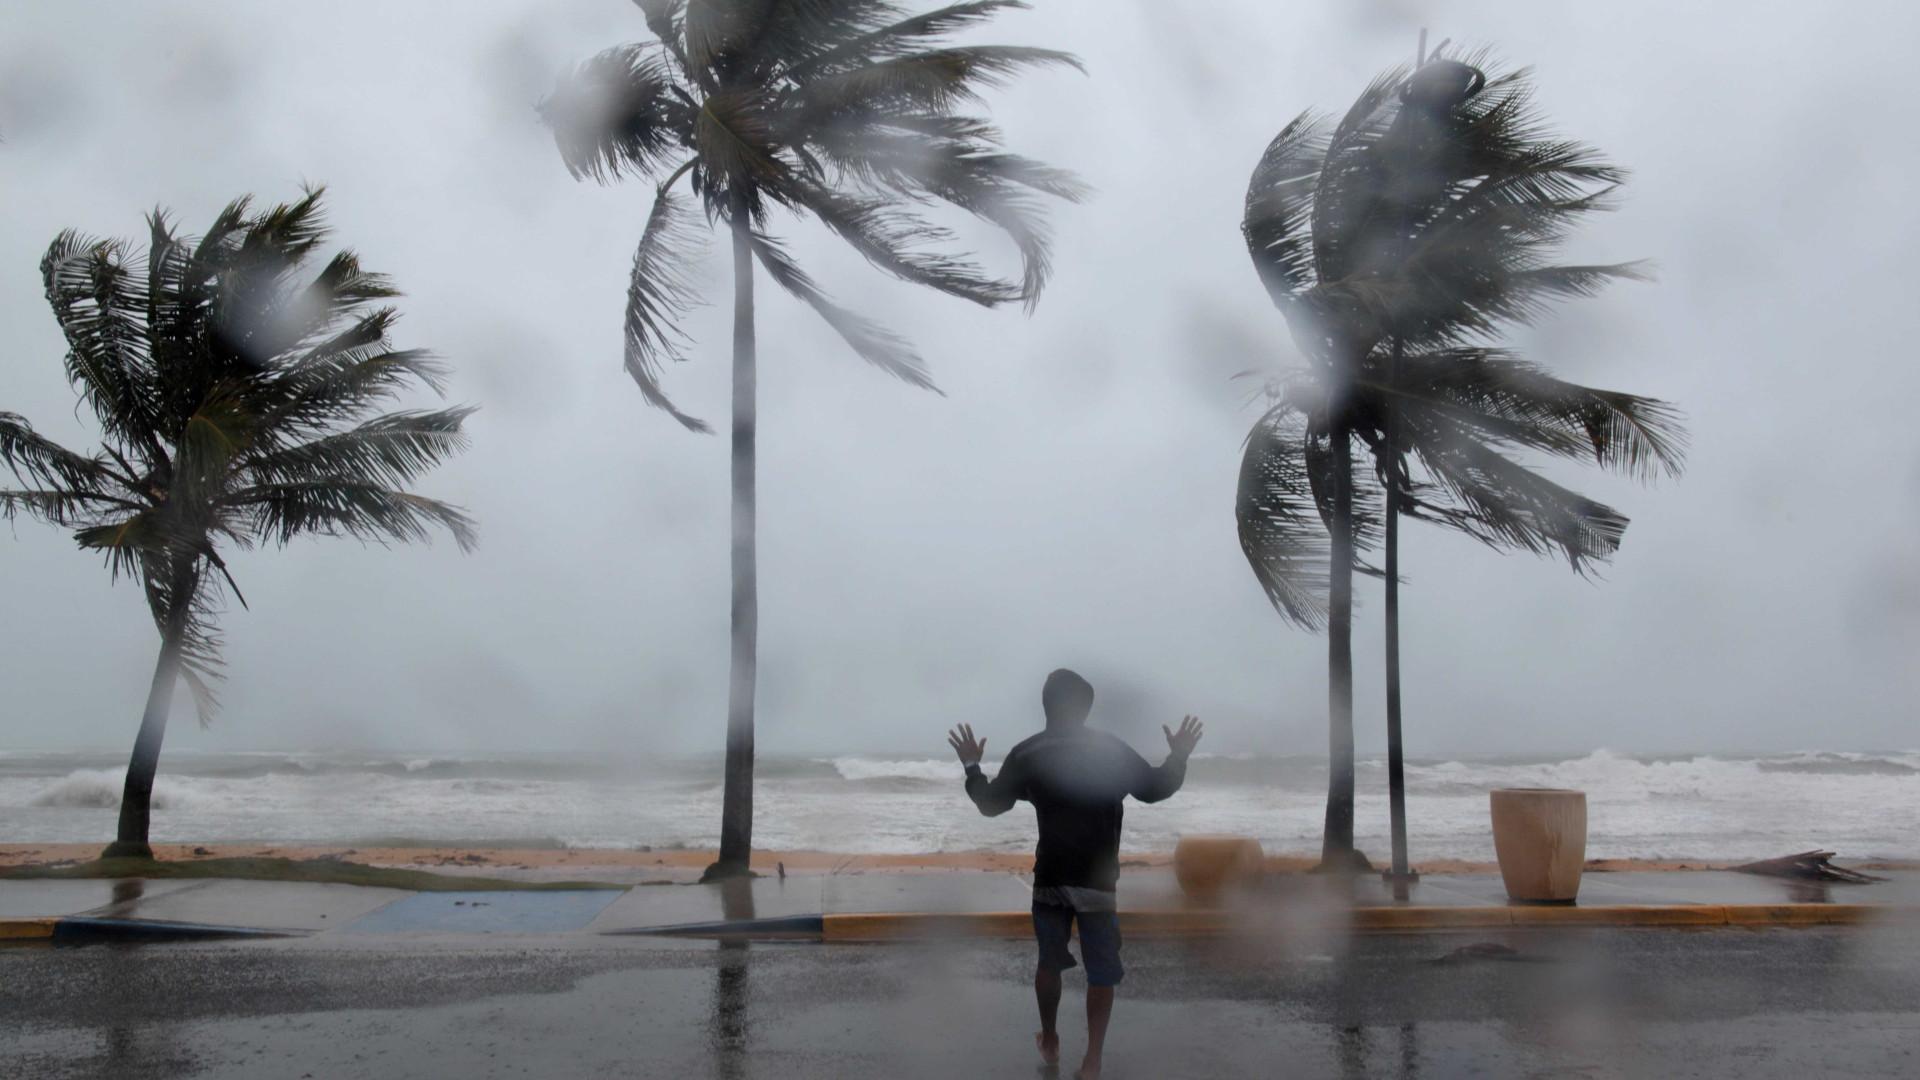 Especialista: furacão Irma 'vai devastar os EUA'